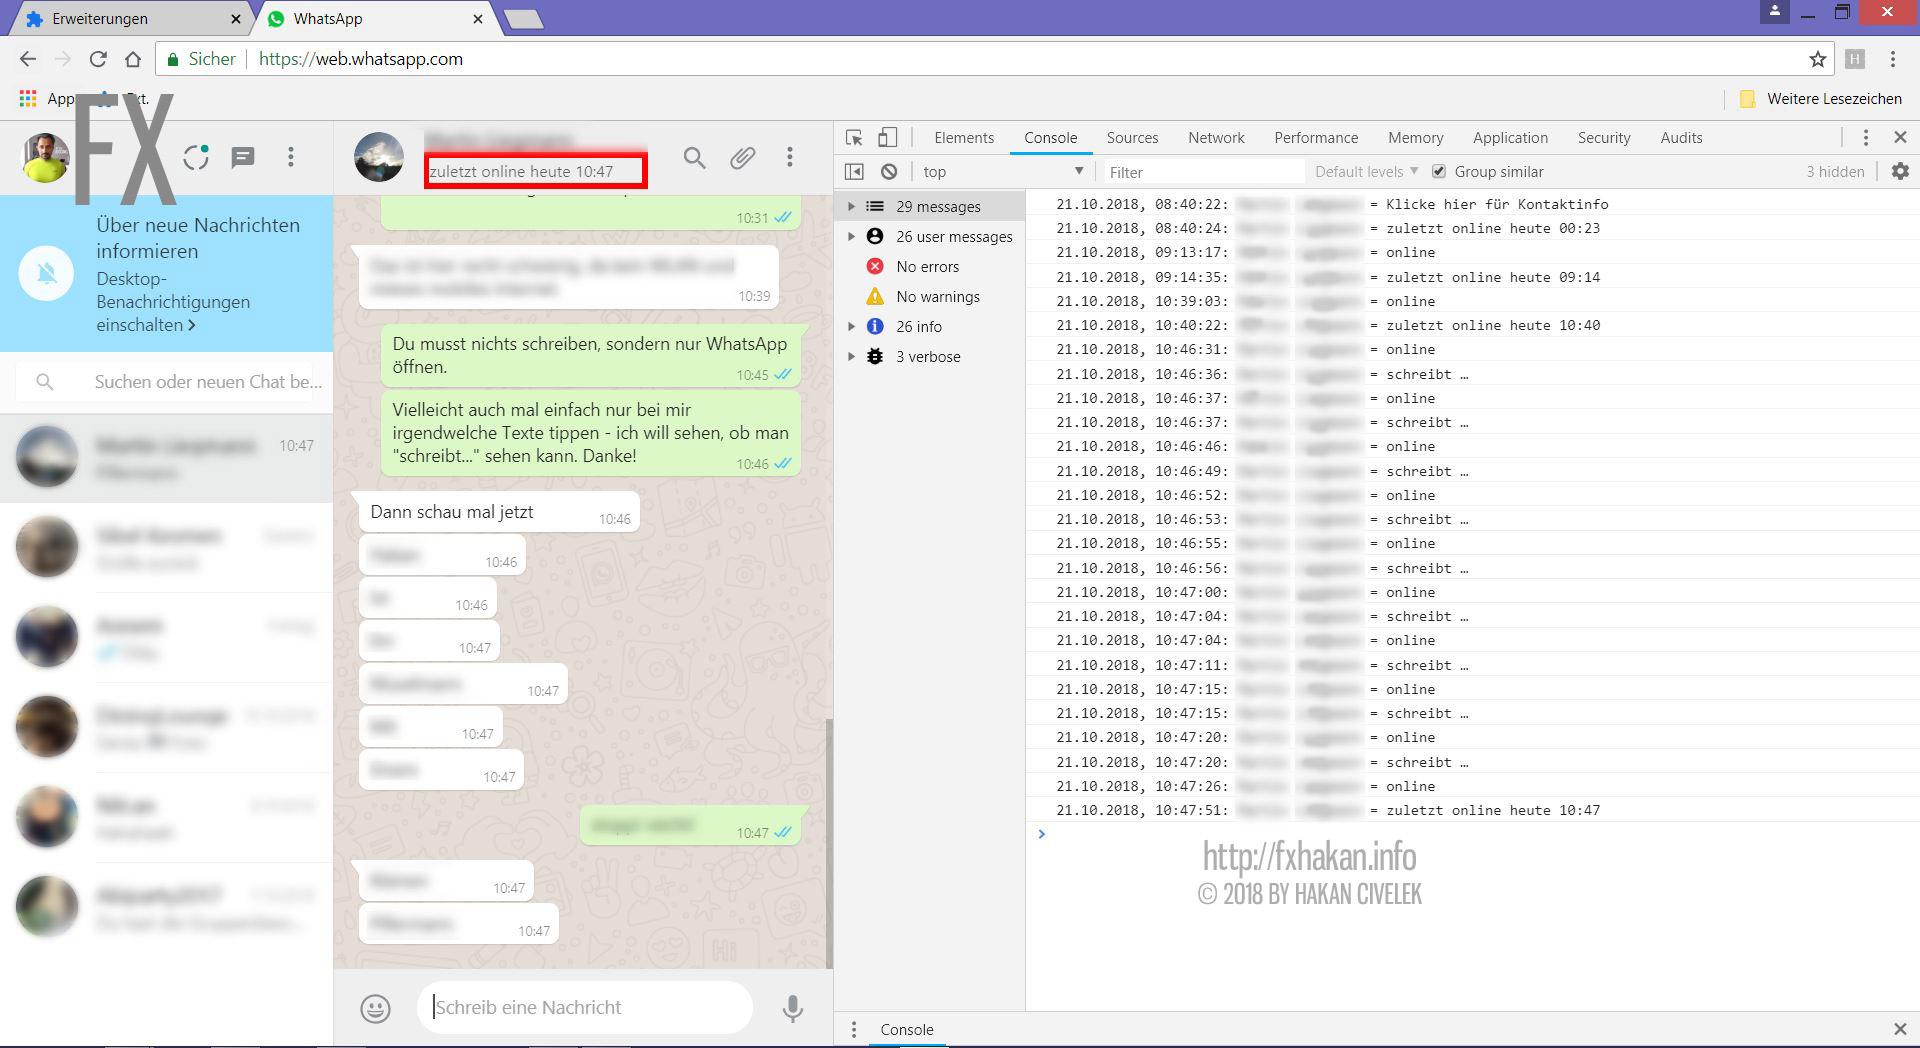 WhatsApp - OnlineStatus auslesen